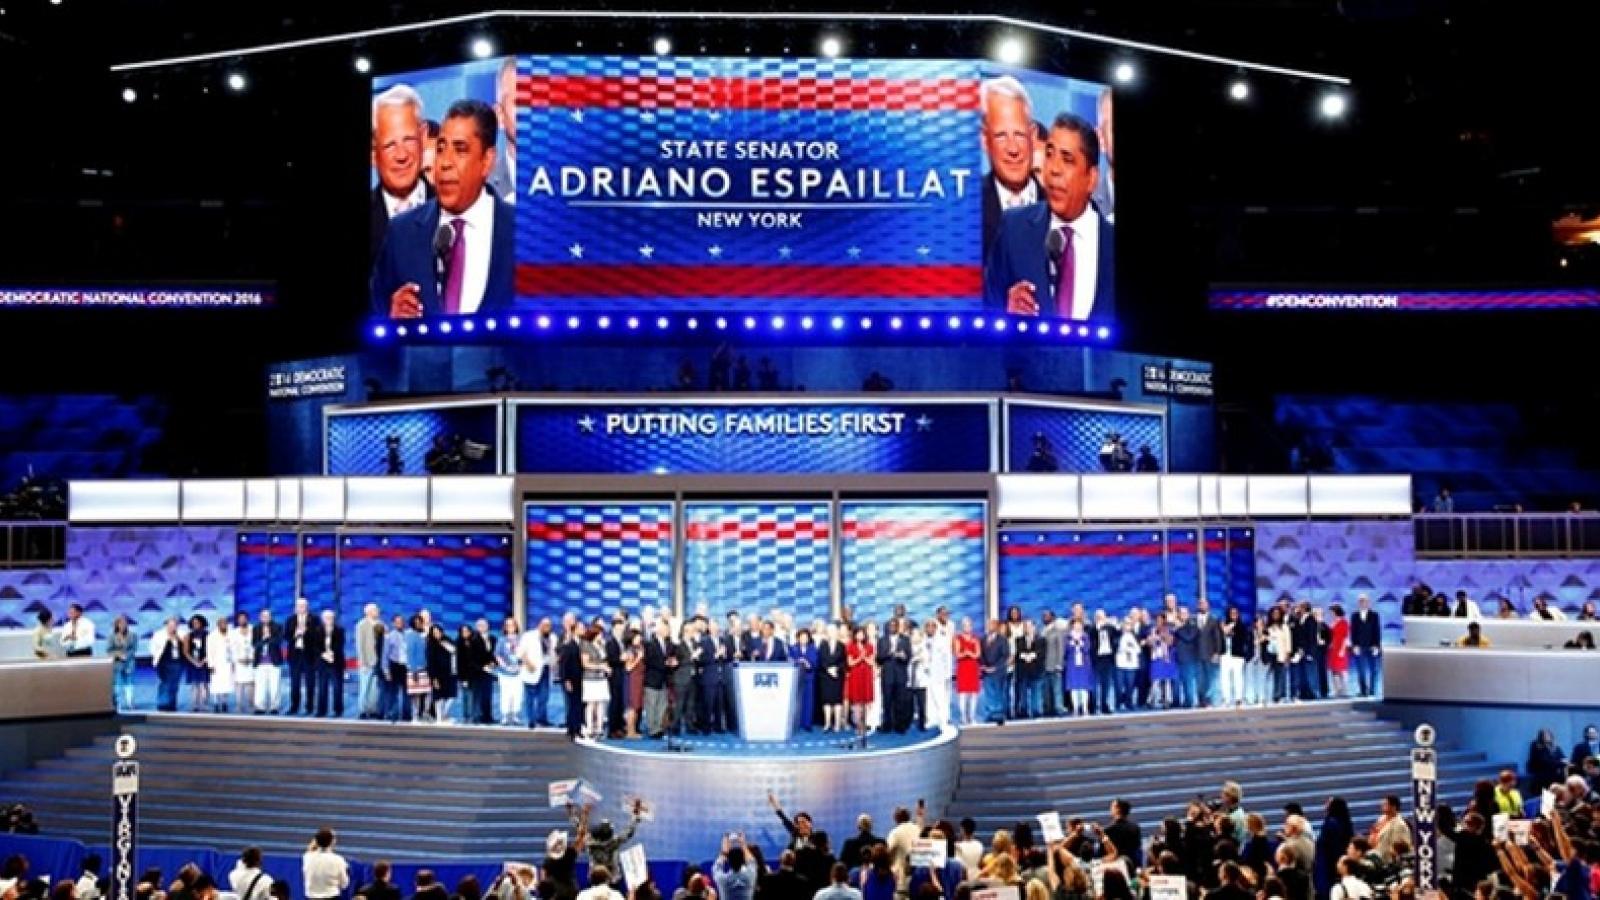 18,7 triệu người theo dõi đêm đầu tiên Đại hội đảng Dân chủ Mỹ